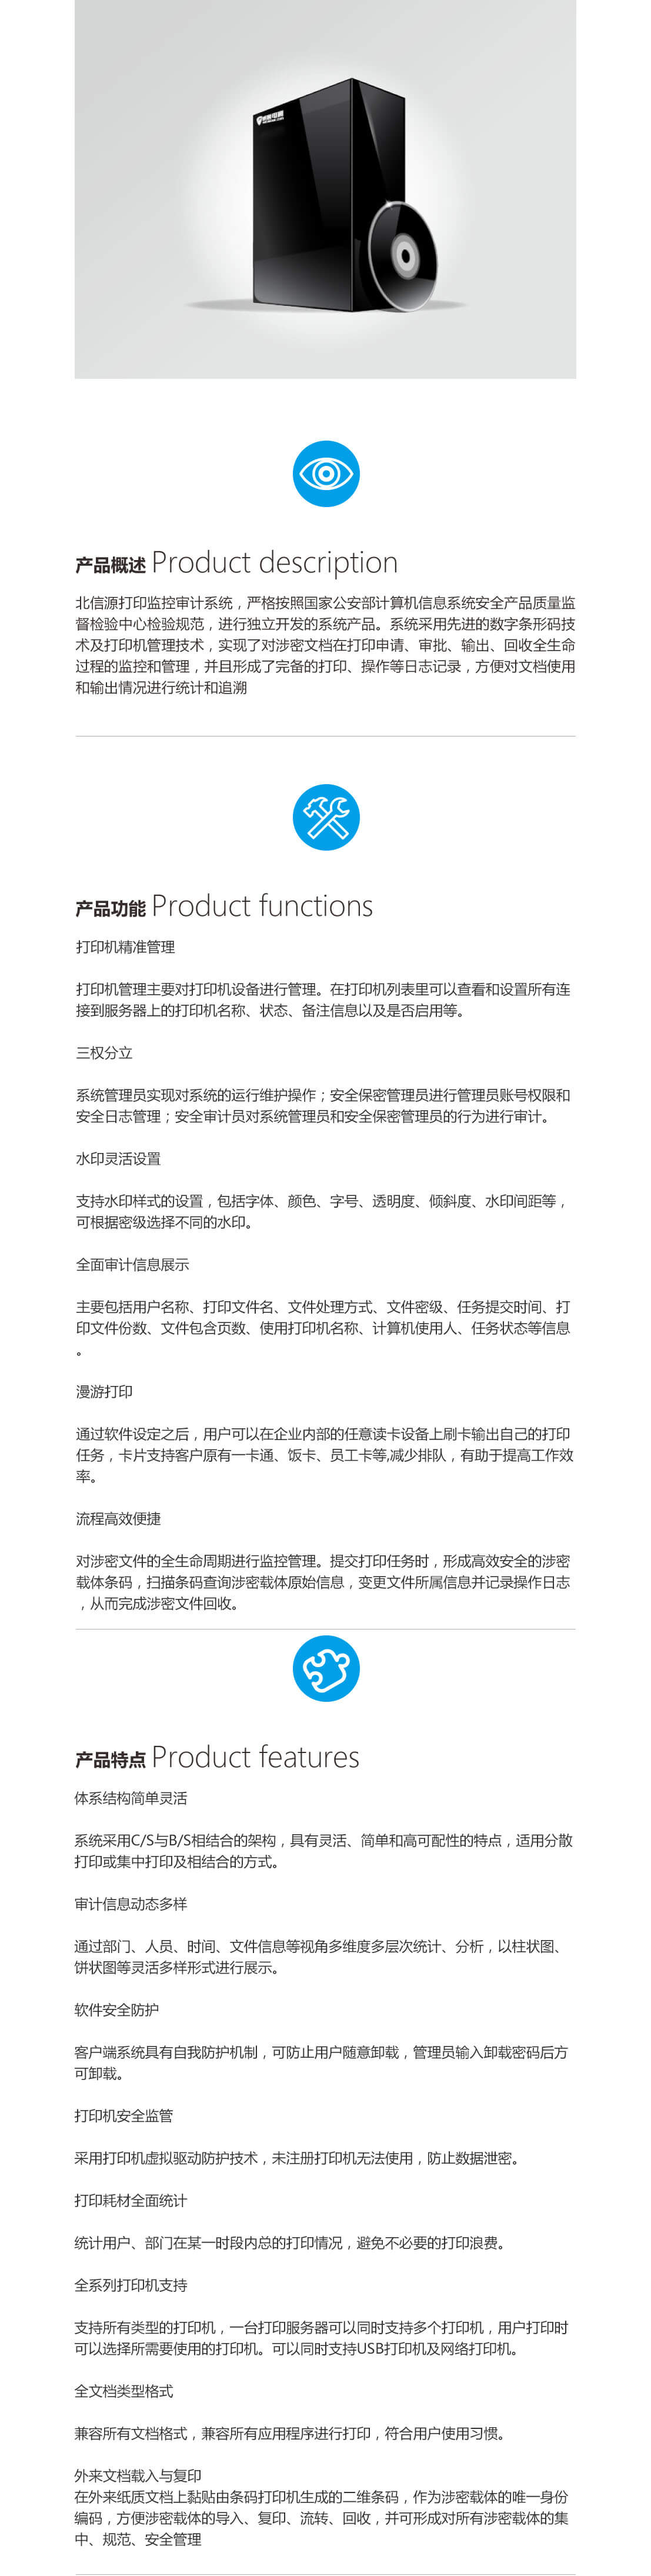 北信源打印审计.jpg